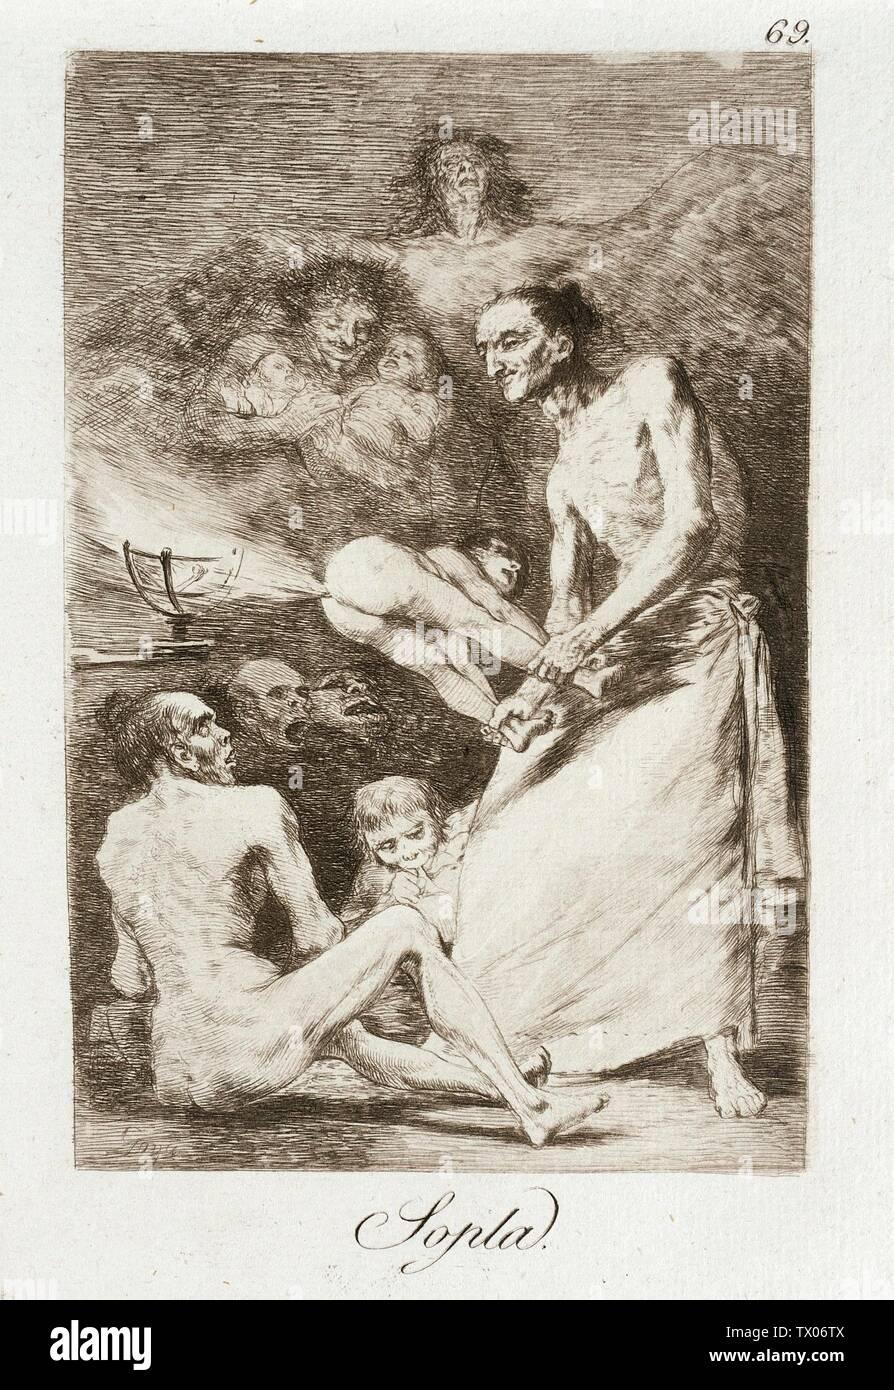 Coup; Espagne, 1799 alternative Sopla Portfolio: Los Caprichos plate: 69 impressions; etchings Etching, aquatint, point sec et plaque de burin: 8 1/4 x 5 15/16 in. (20,96 x 15,08 cm) ; tapis 19 x 14 po. (48,26 x 35,56 cm) Paul Rodman Mabury Trust Fund (63,11,69) tirages et dessins; 1799 date QS:P571,+1799-00-00T00:00:00Z/9; Banque D'Images